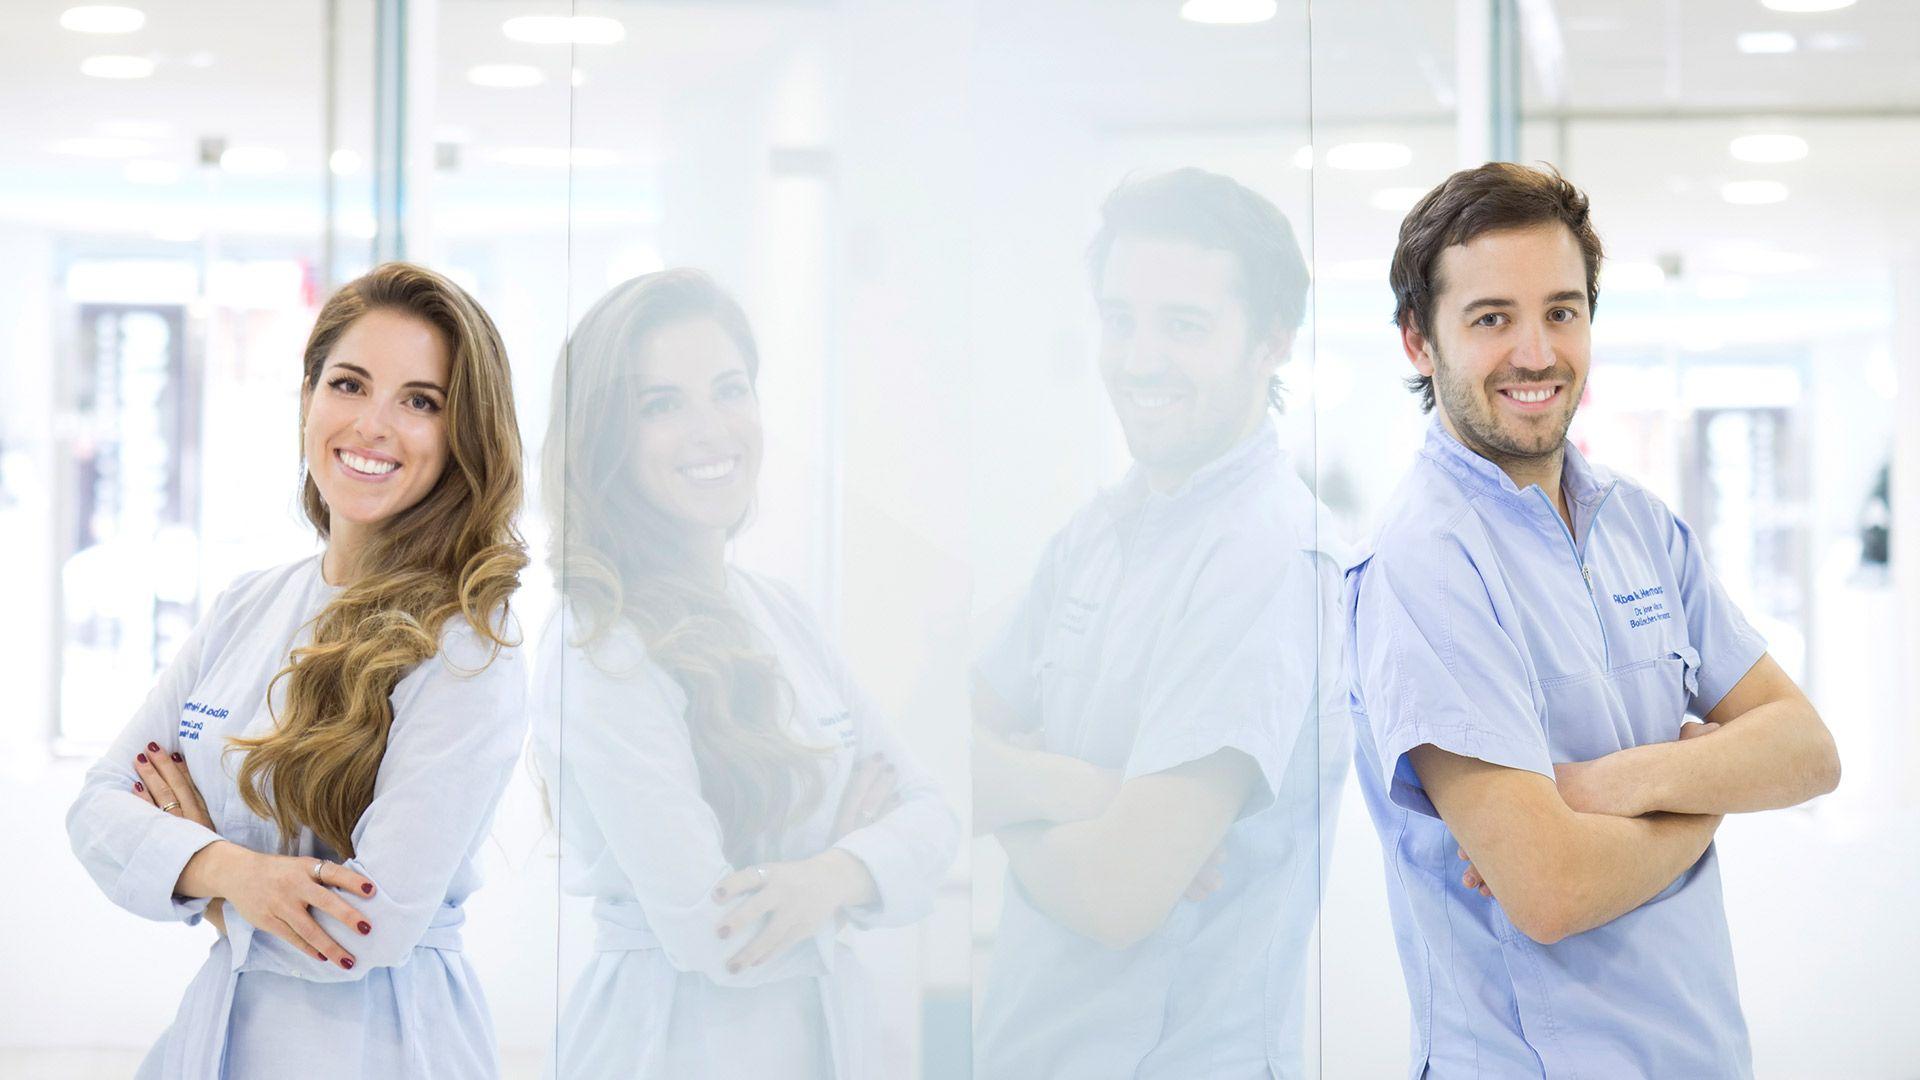 doctores jose maria y carmen